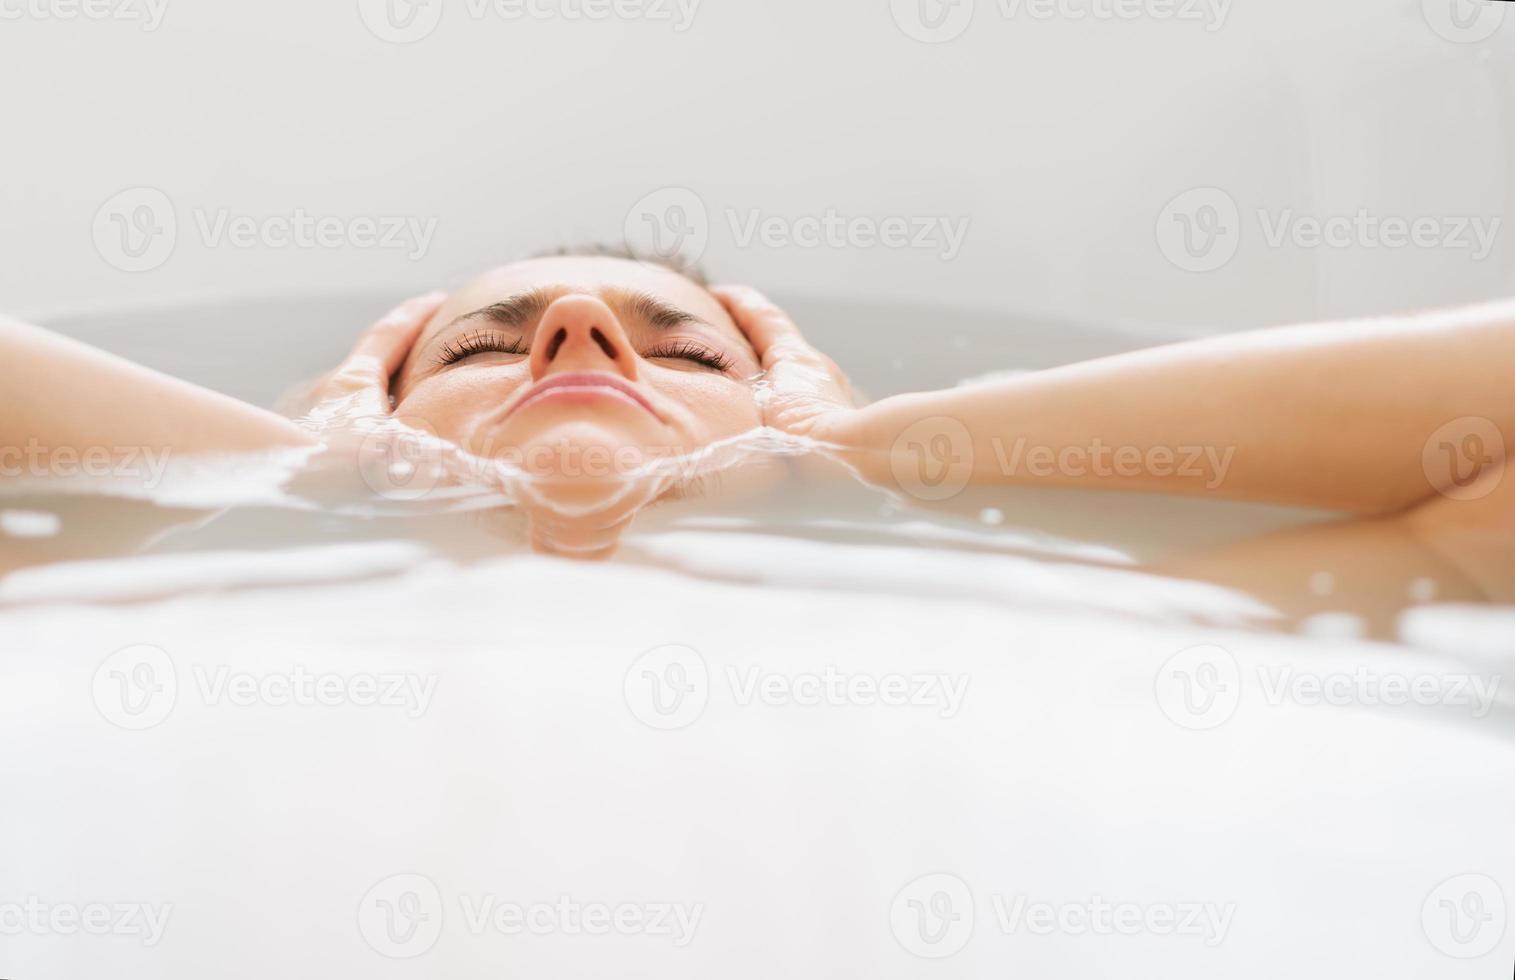 estressado jovem deitado na banheira foto